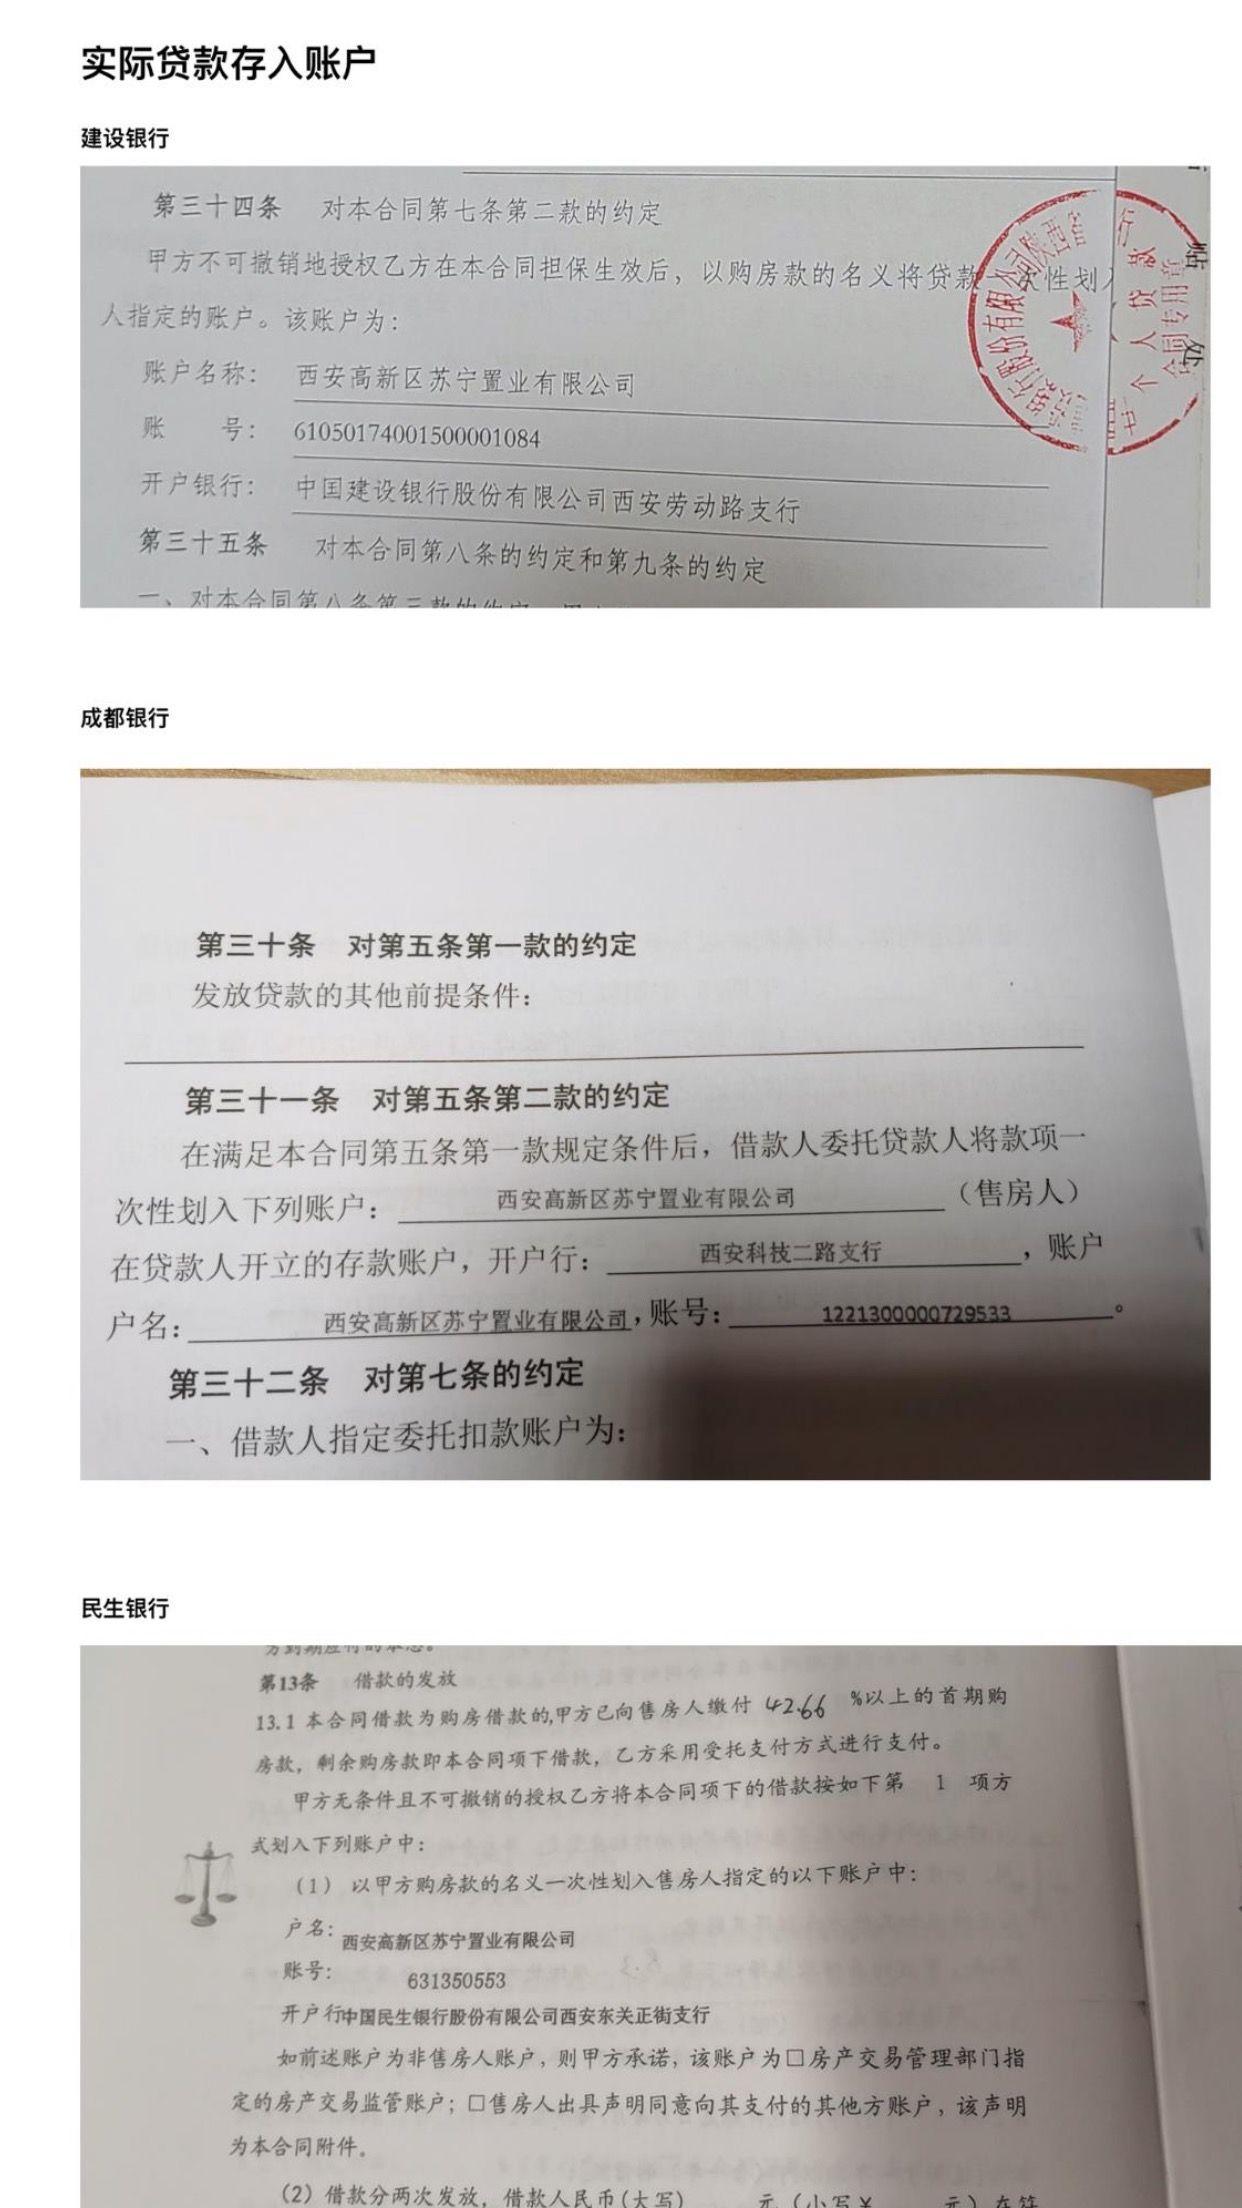 业主李先生提供的照片显示,部分合同约定将购房贷款划入苏宁置业指定账户,但该账户与此前公示的监管账户并不一致。